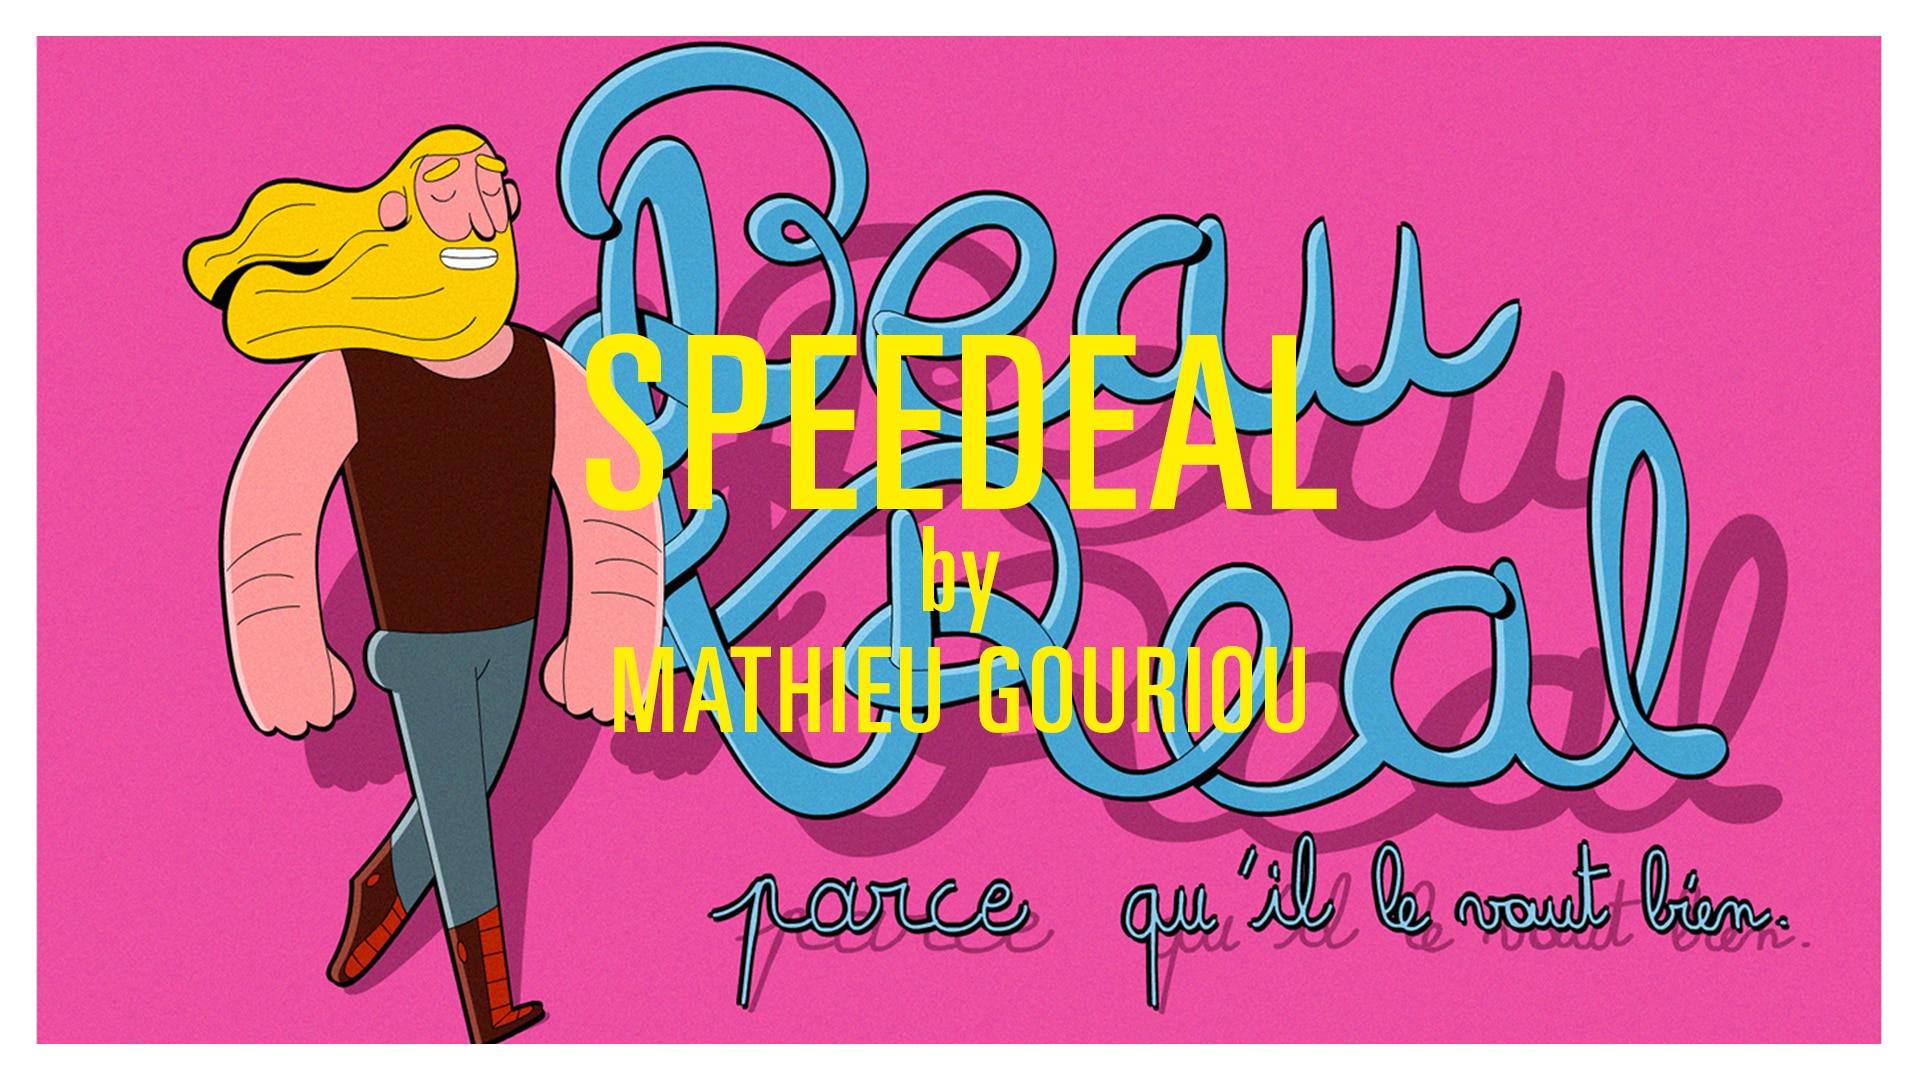 Speedeal